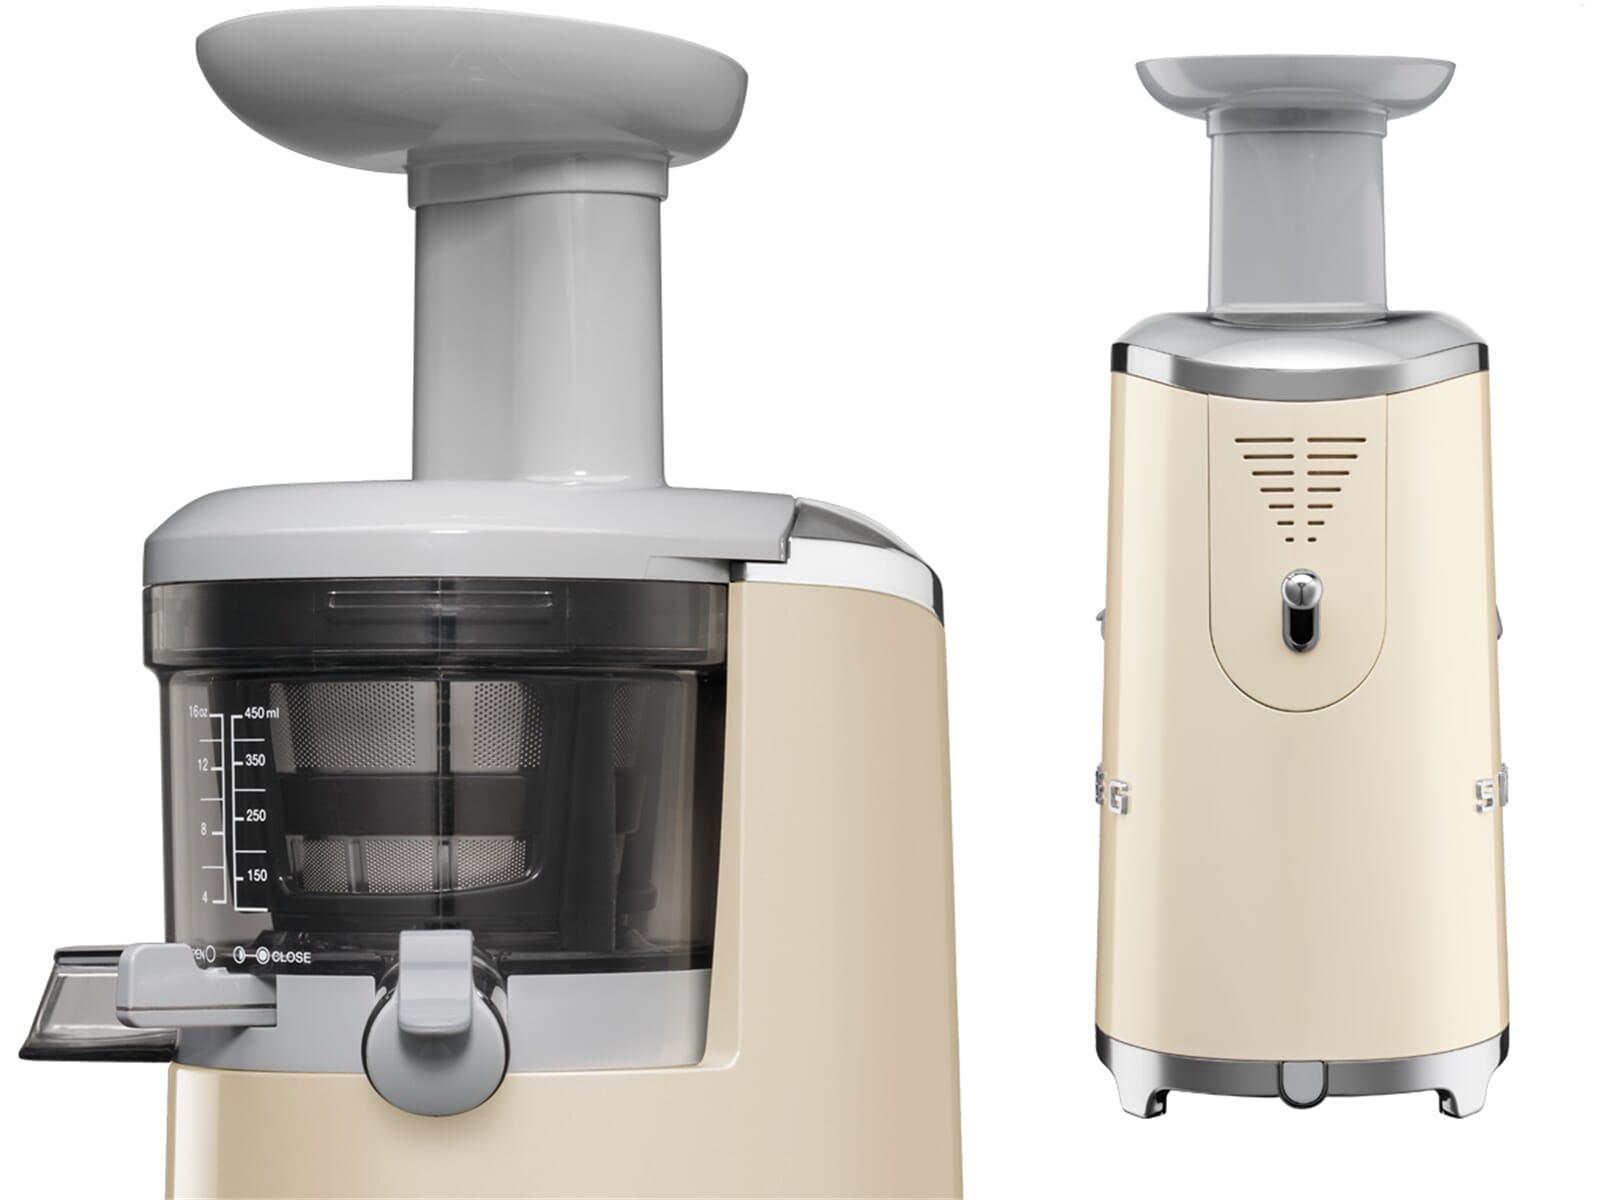 Bomann Kühlschrank Saturn : Smeg kühlschrank saturn designer khlschrank freistehend cool